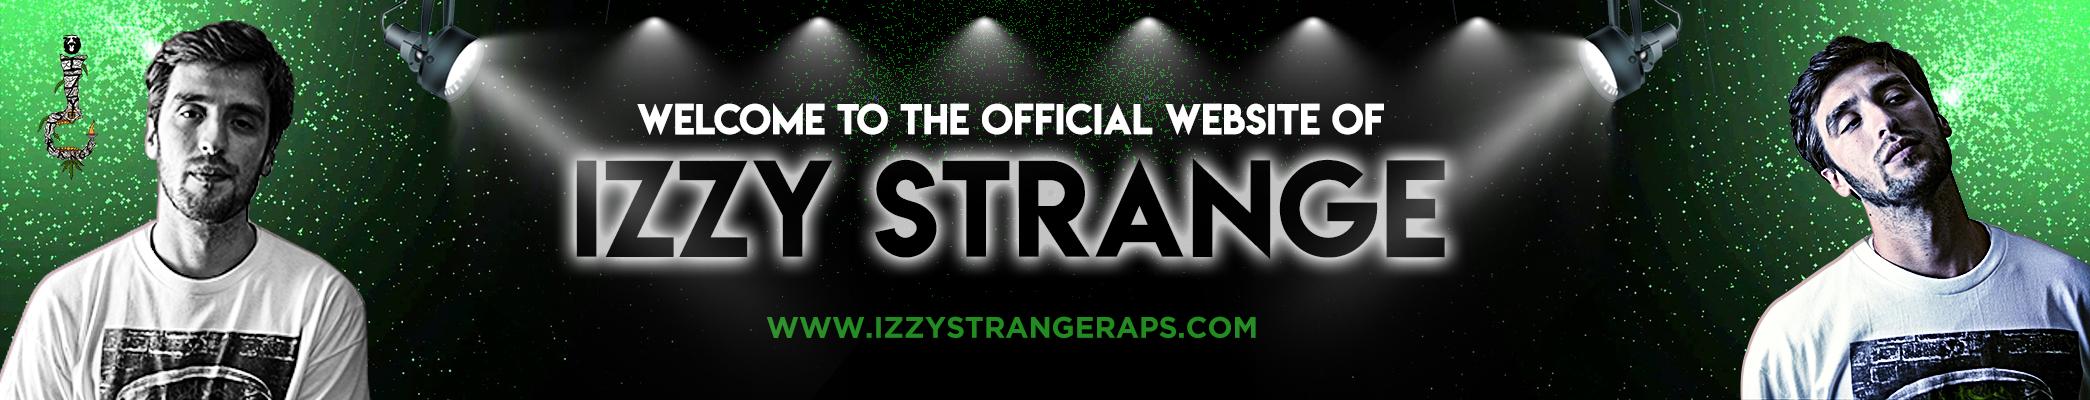 Izzy Strange